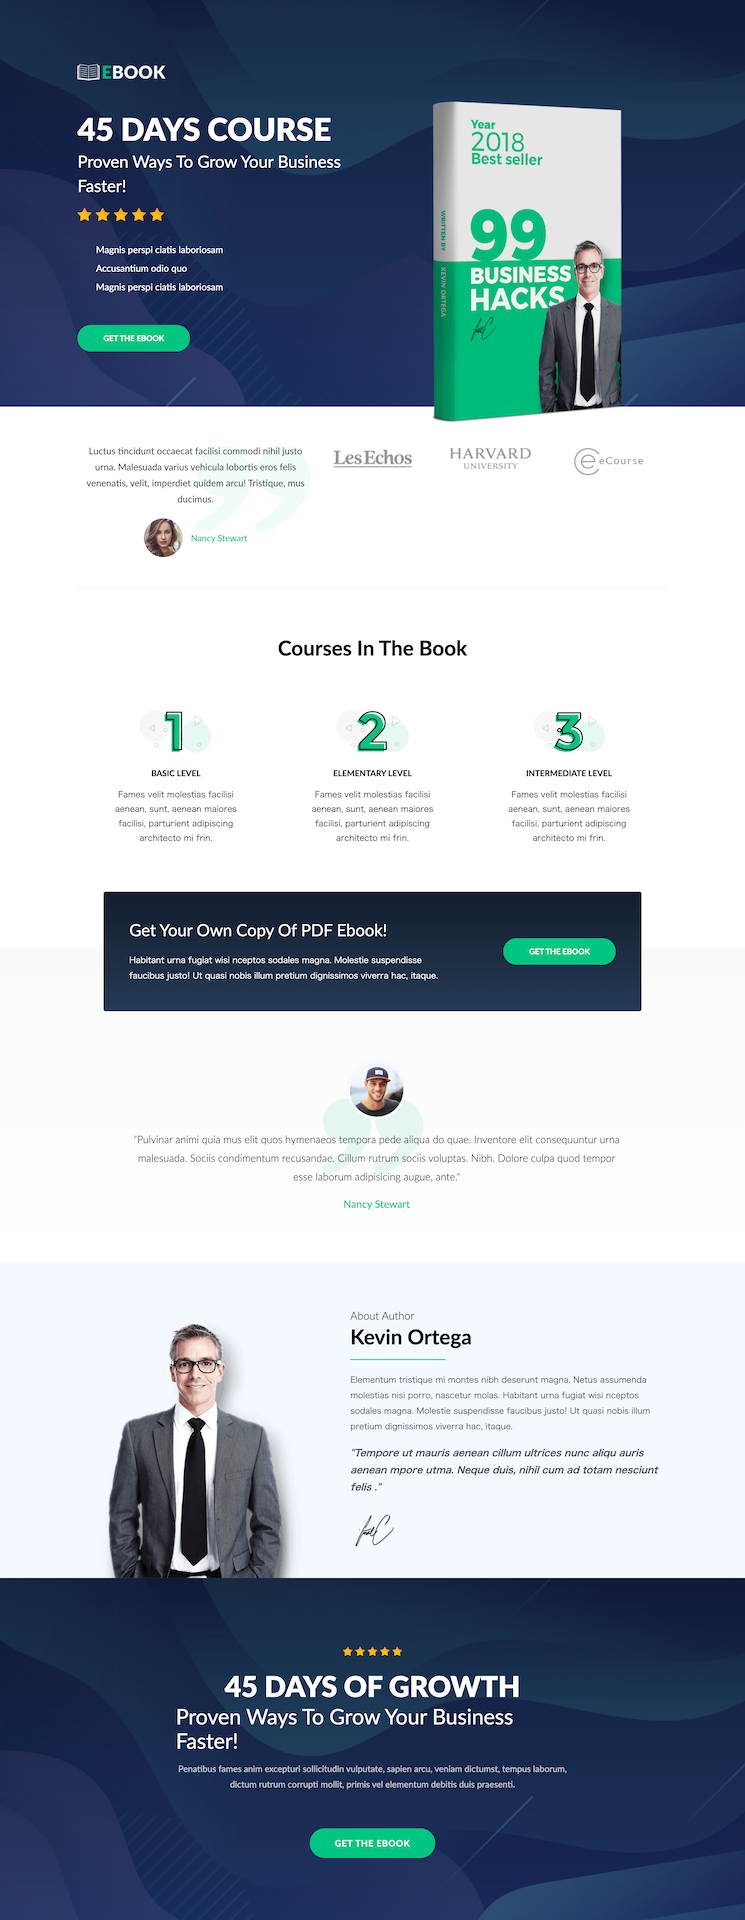 CartFlowsのセールスページ